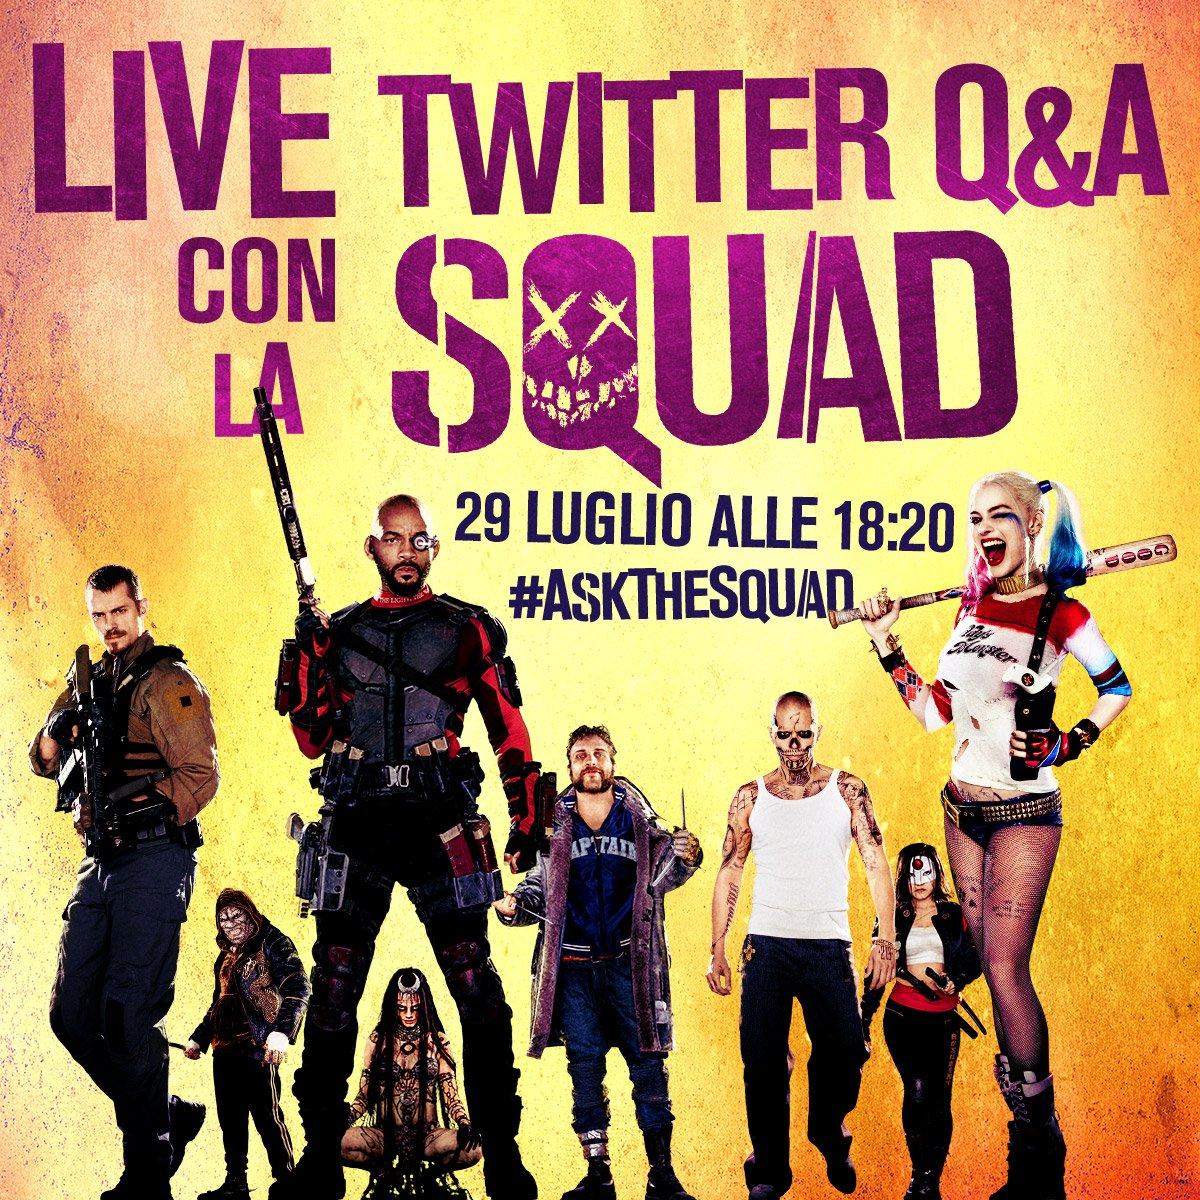 #AskTheSquad